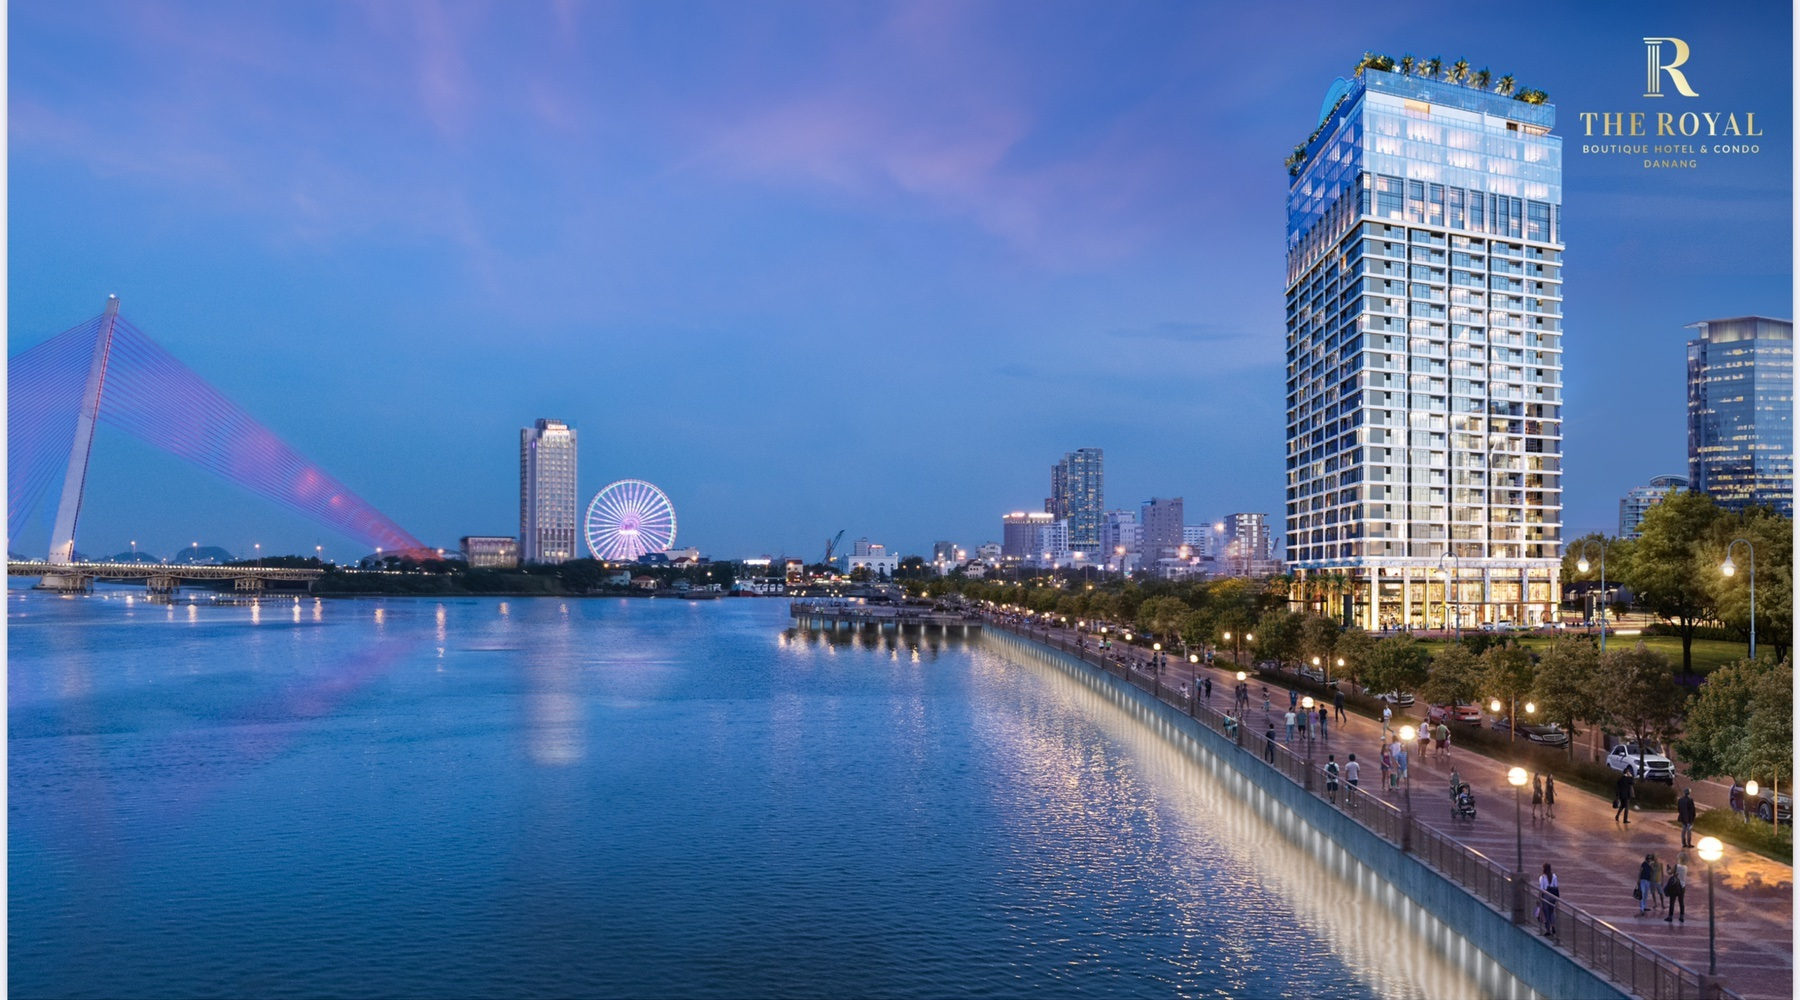 Kiến trúc độc bản thu hút mọi ánh nhìn từ The Royal Boutique Hotel & Condo Danang